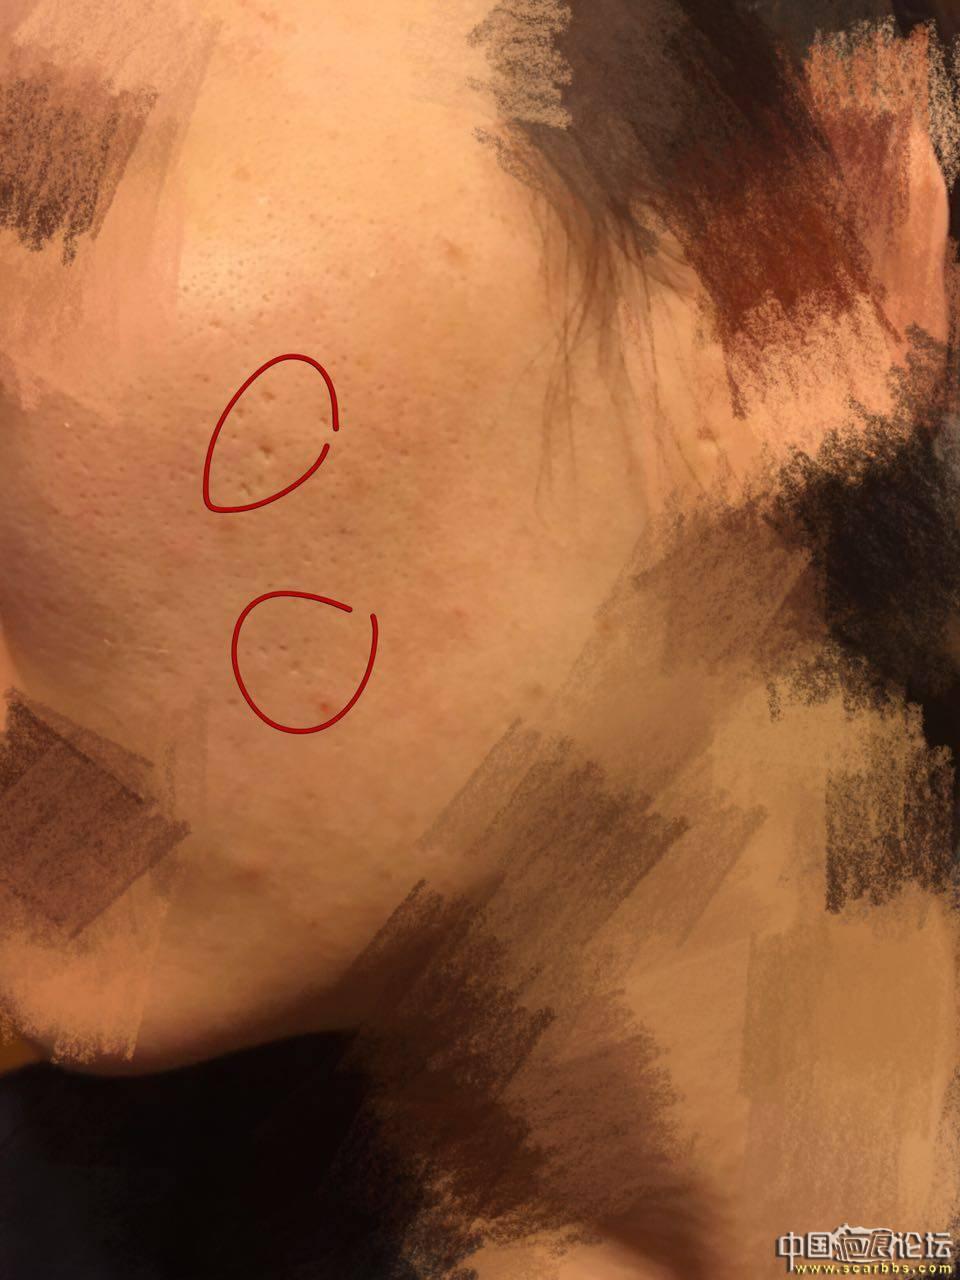 痘坑切除缝合实录90-疤痕体质图片_疤痕疙瘩图片-中国疤痕论坛